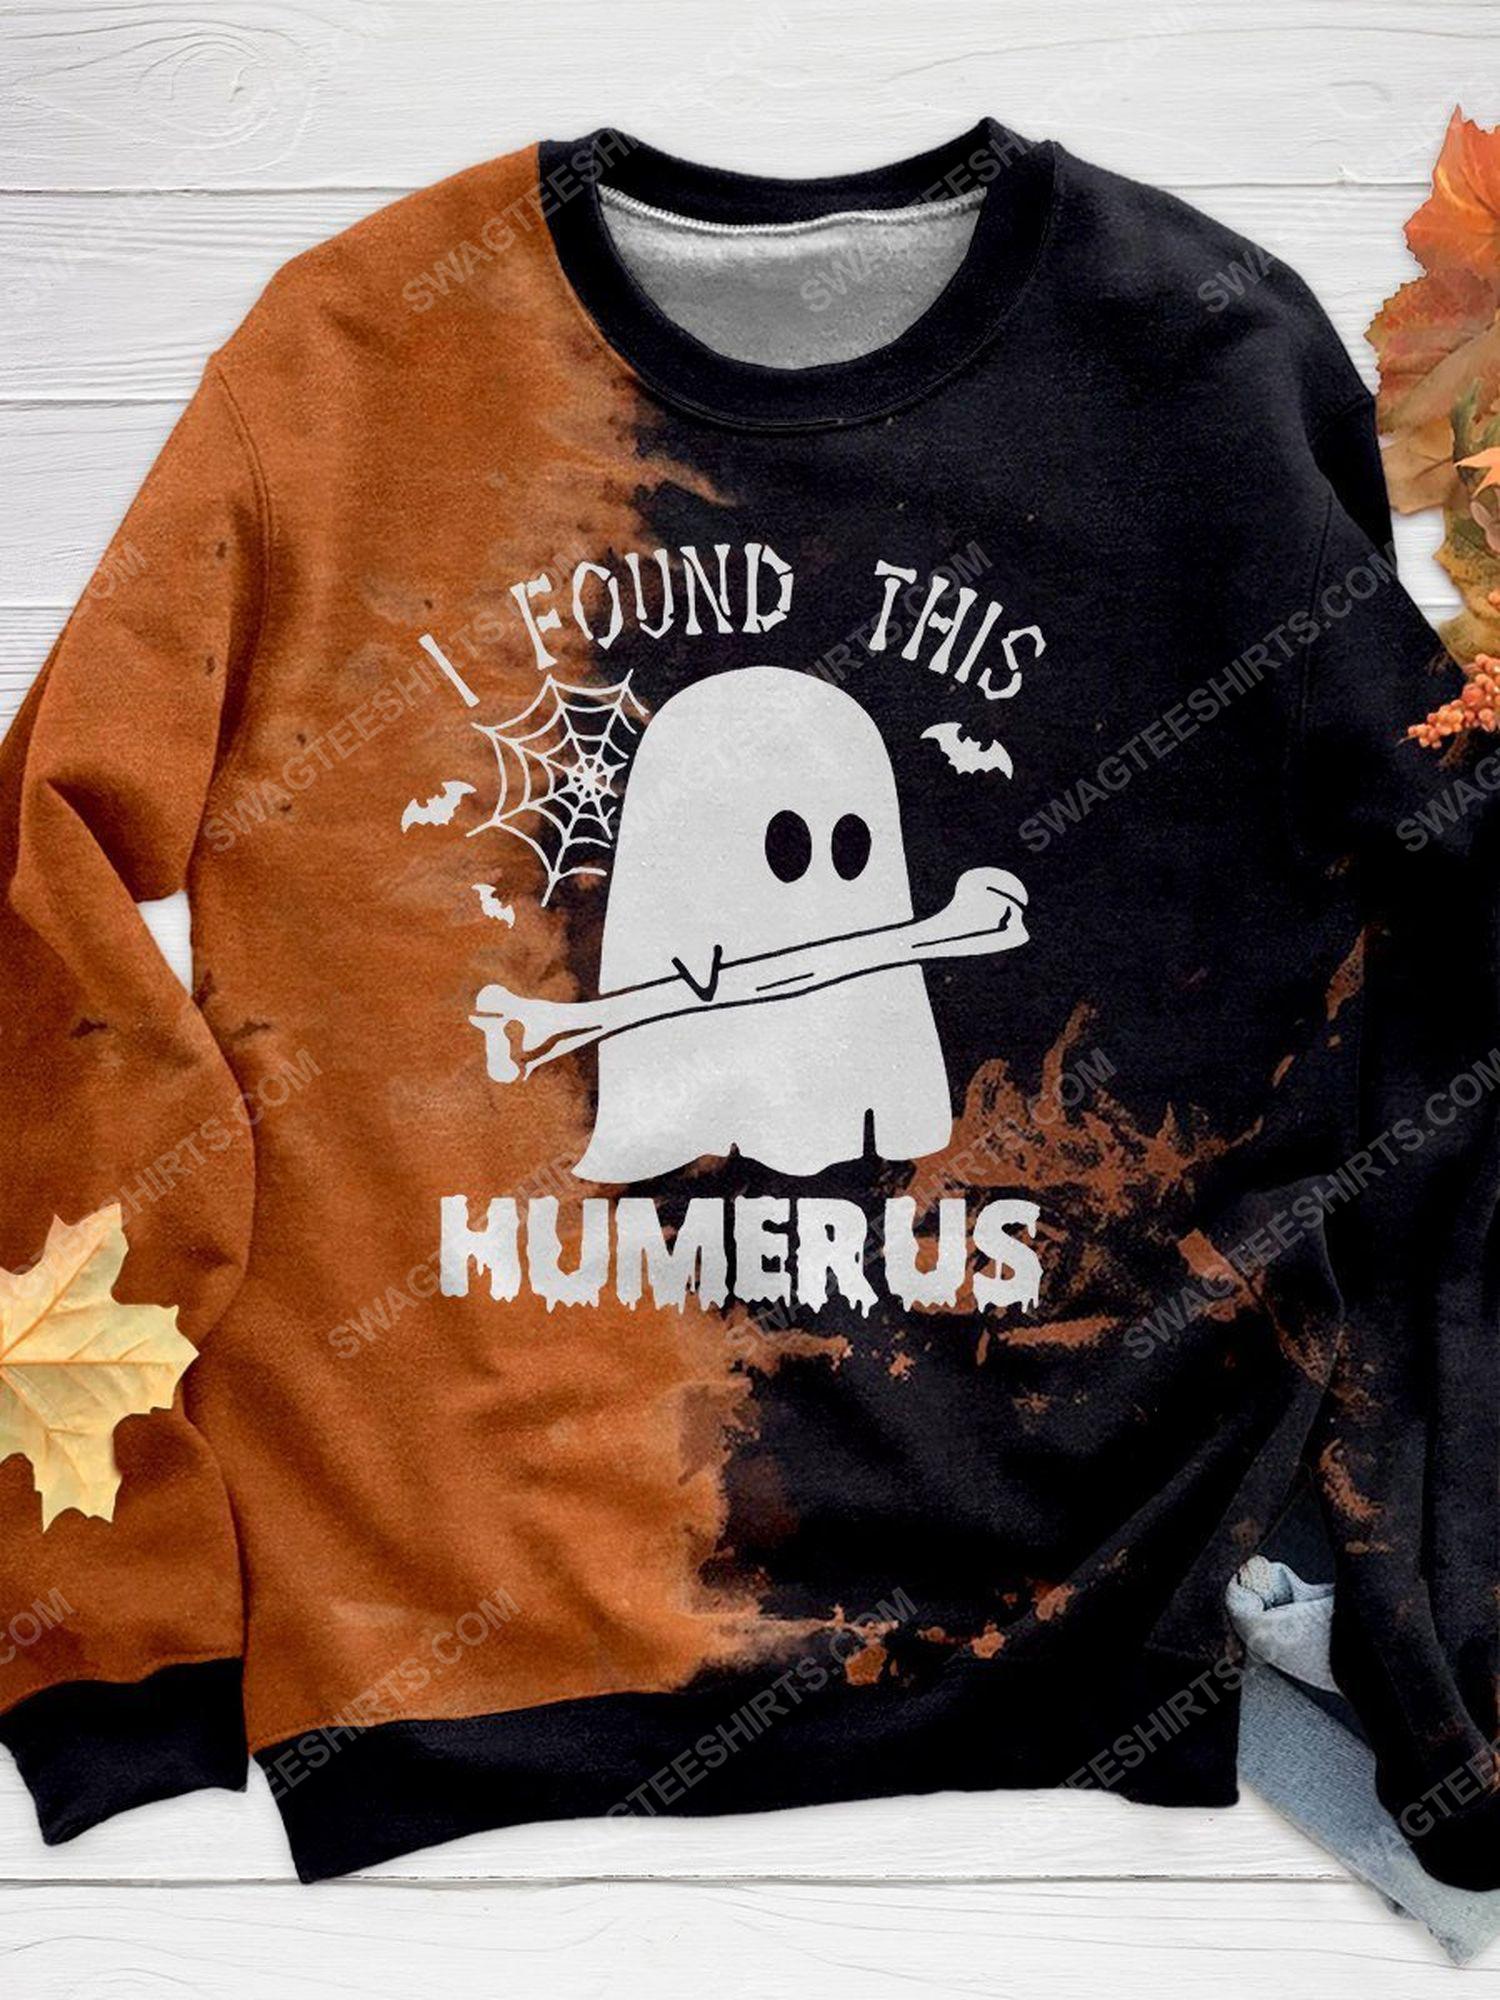 Halloween night ghost i found this humerus shirt 1